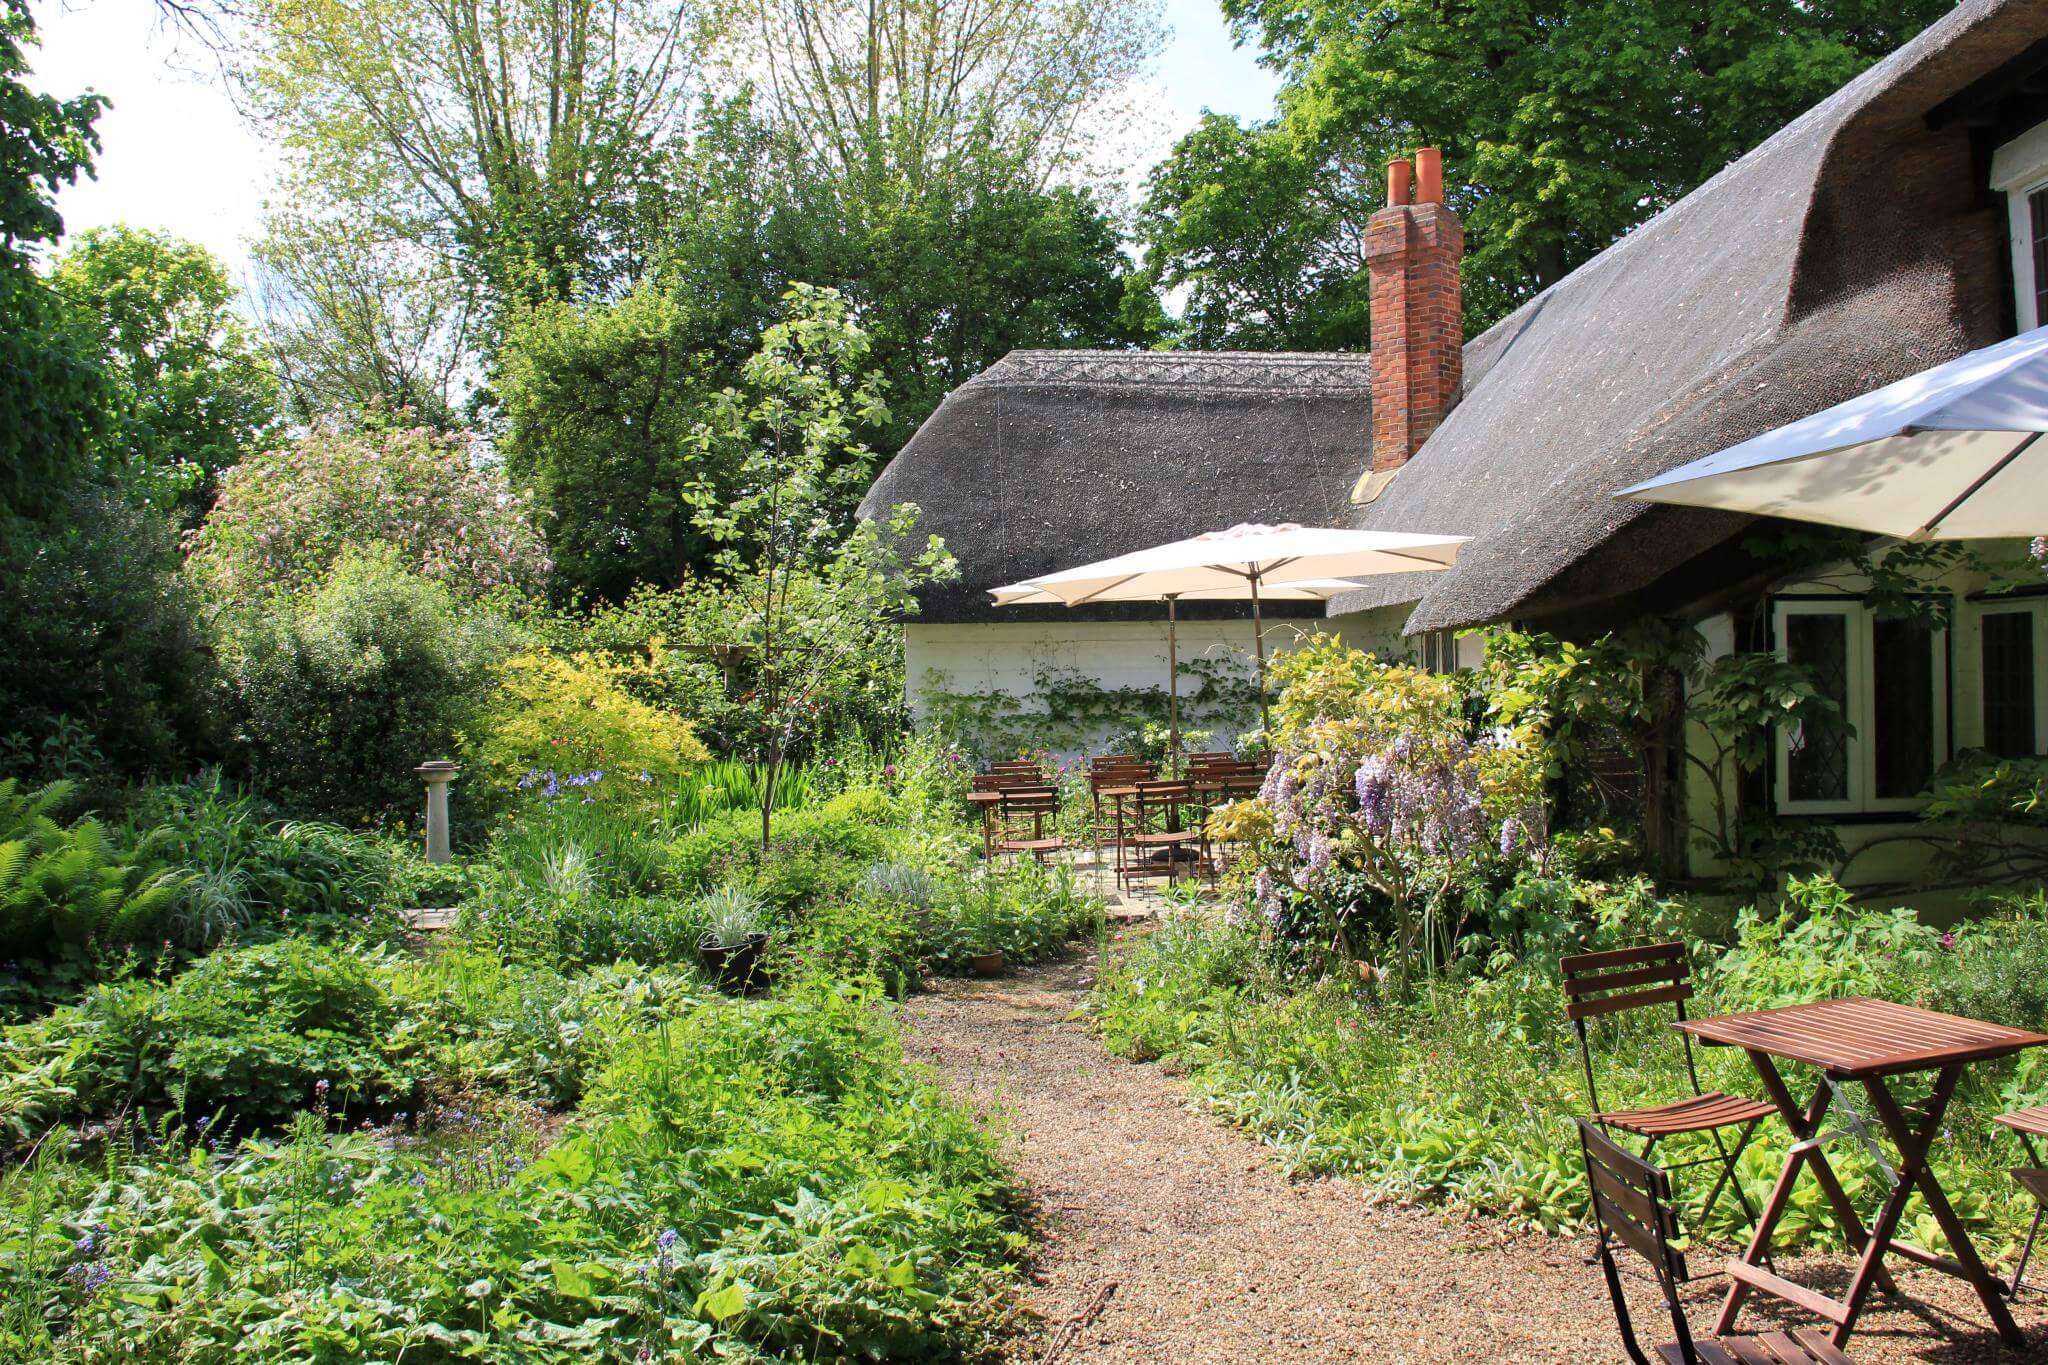 Romantische tuin ideeën inspiratie wiki wonen